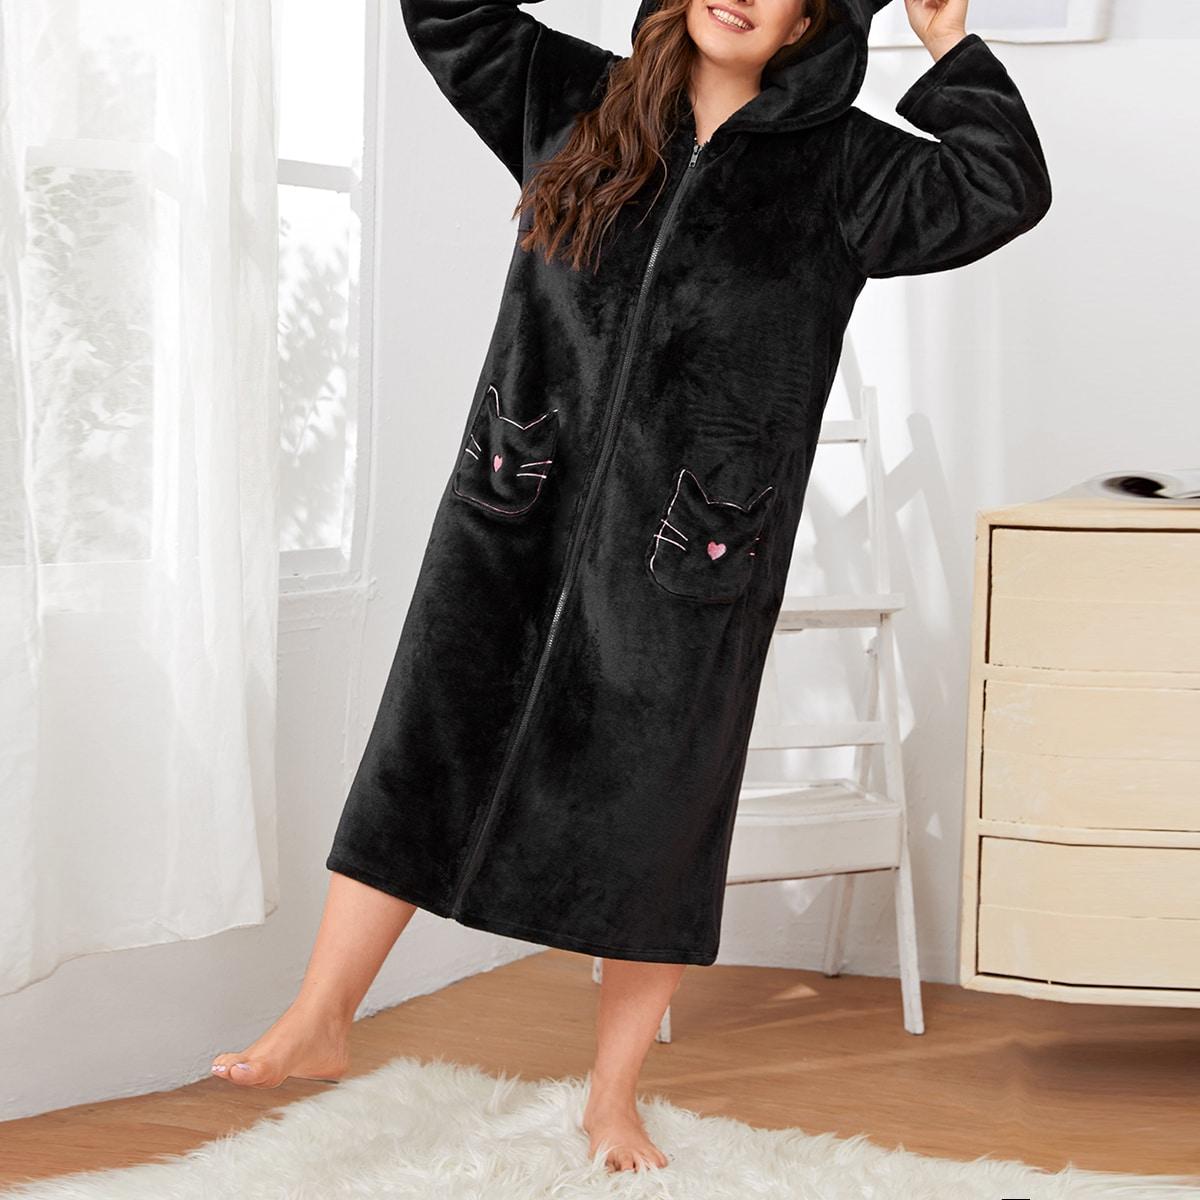 Фланелевый халат на молнии с капюшоном и вышивкой размера плюс